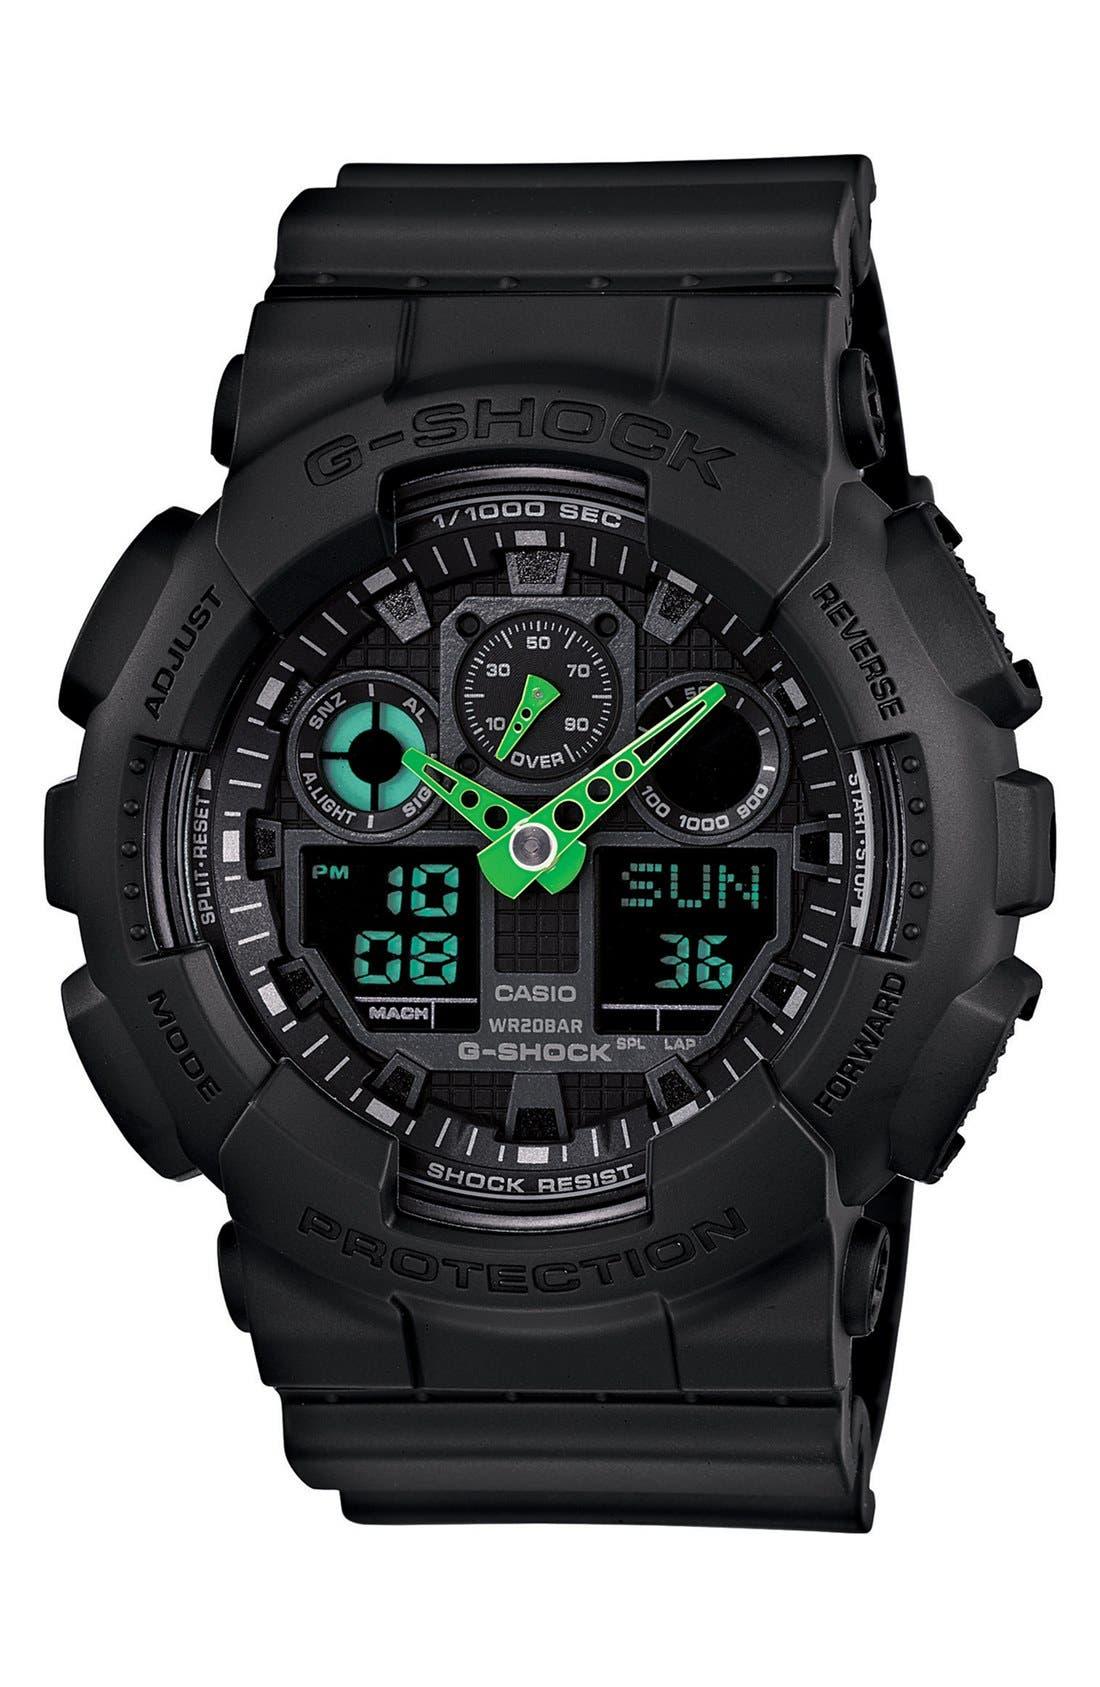 Джи Шок - Японские наручные часы CASIO G-SHOCK - по